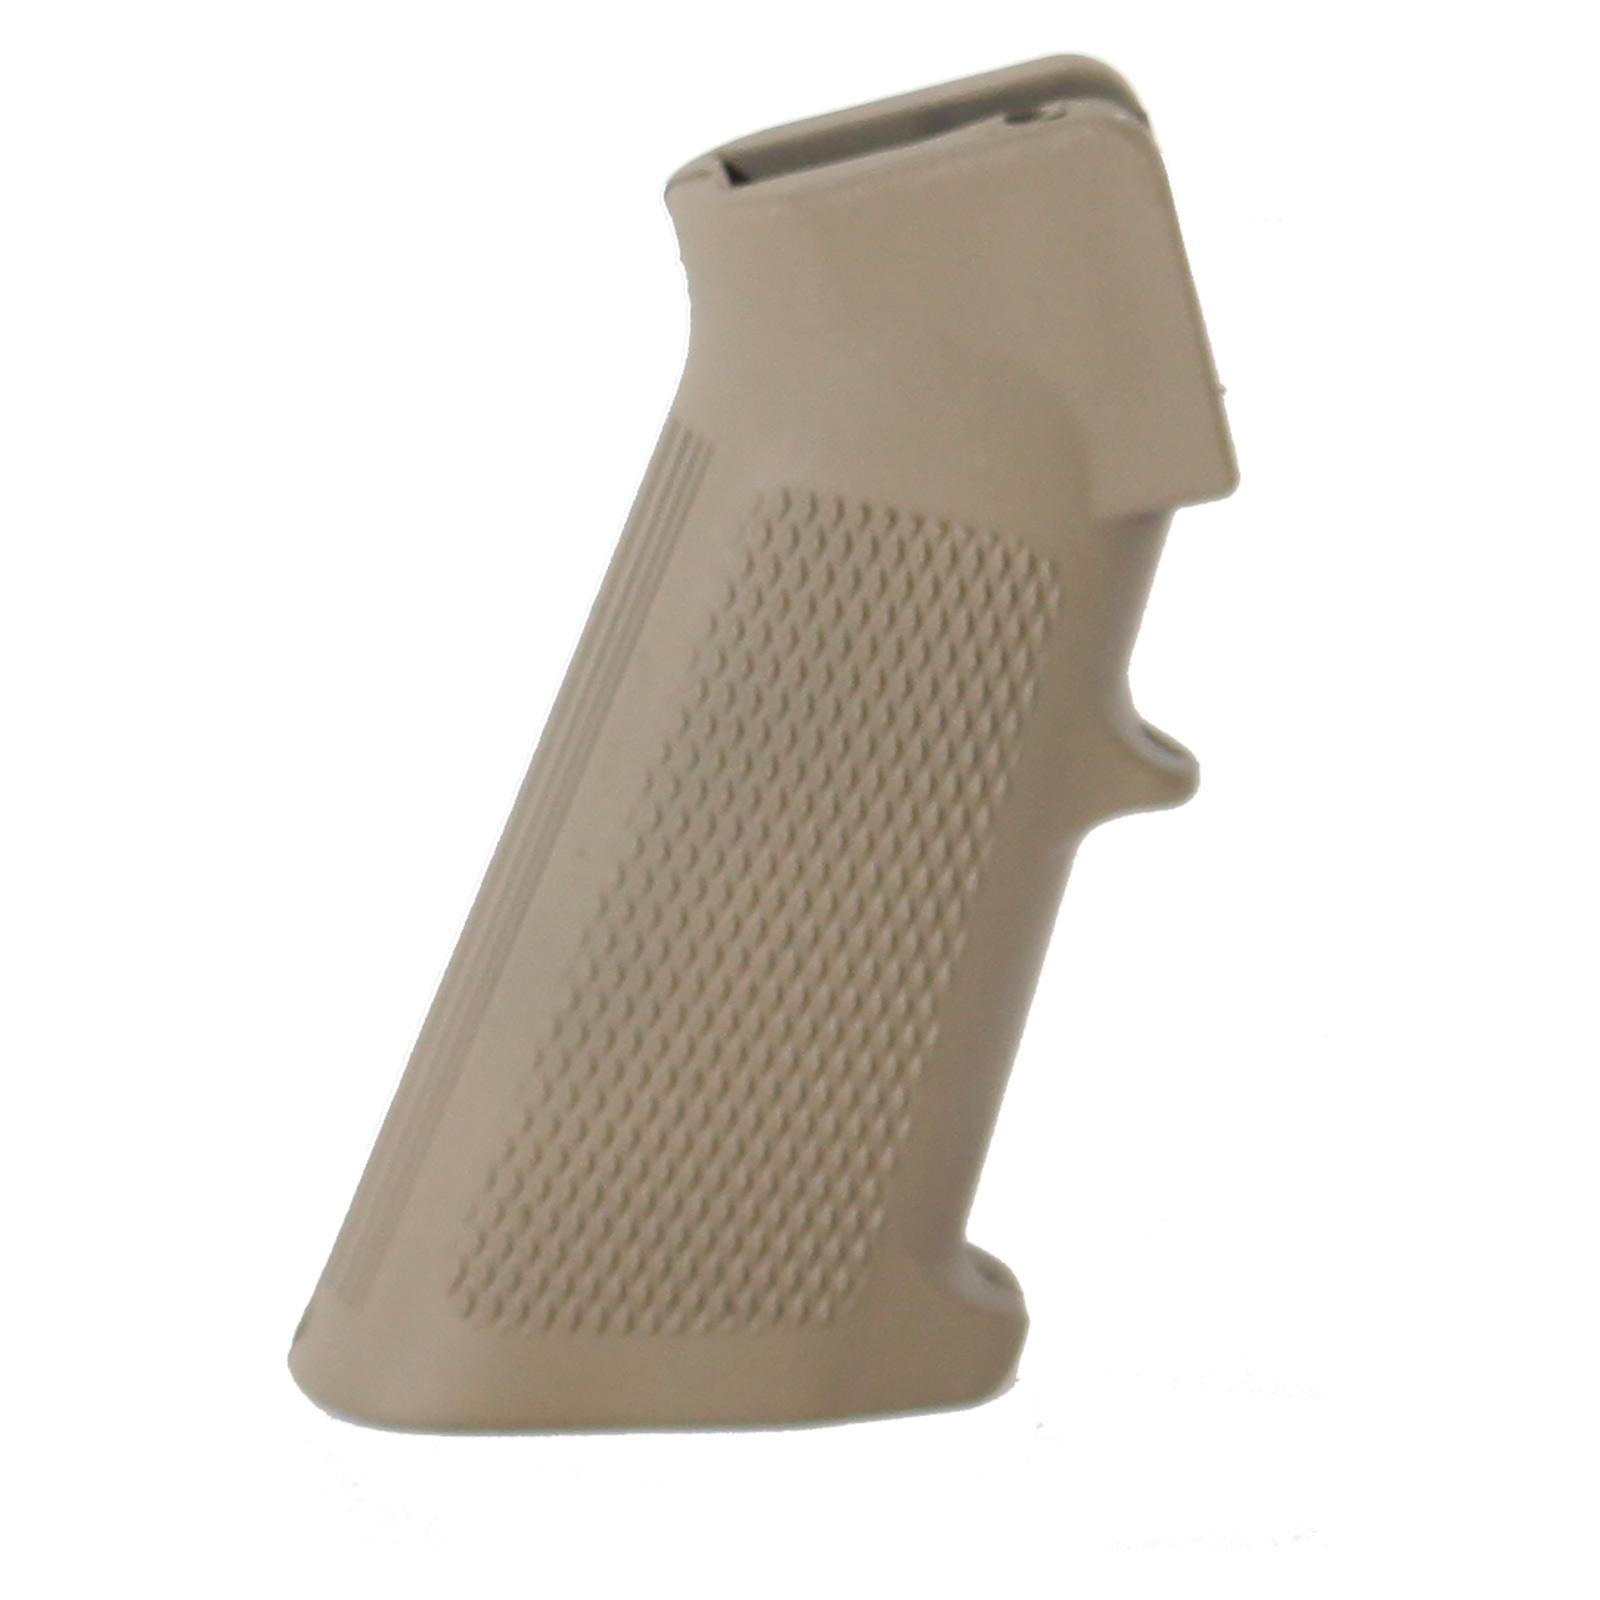 ar-15-grip-pistol-grip-fde-180212